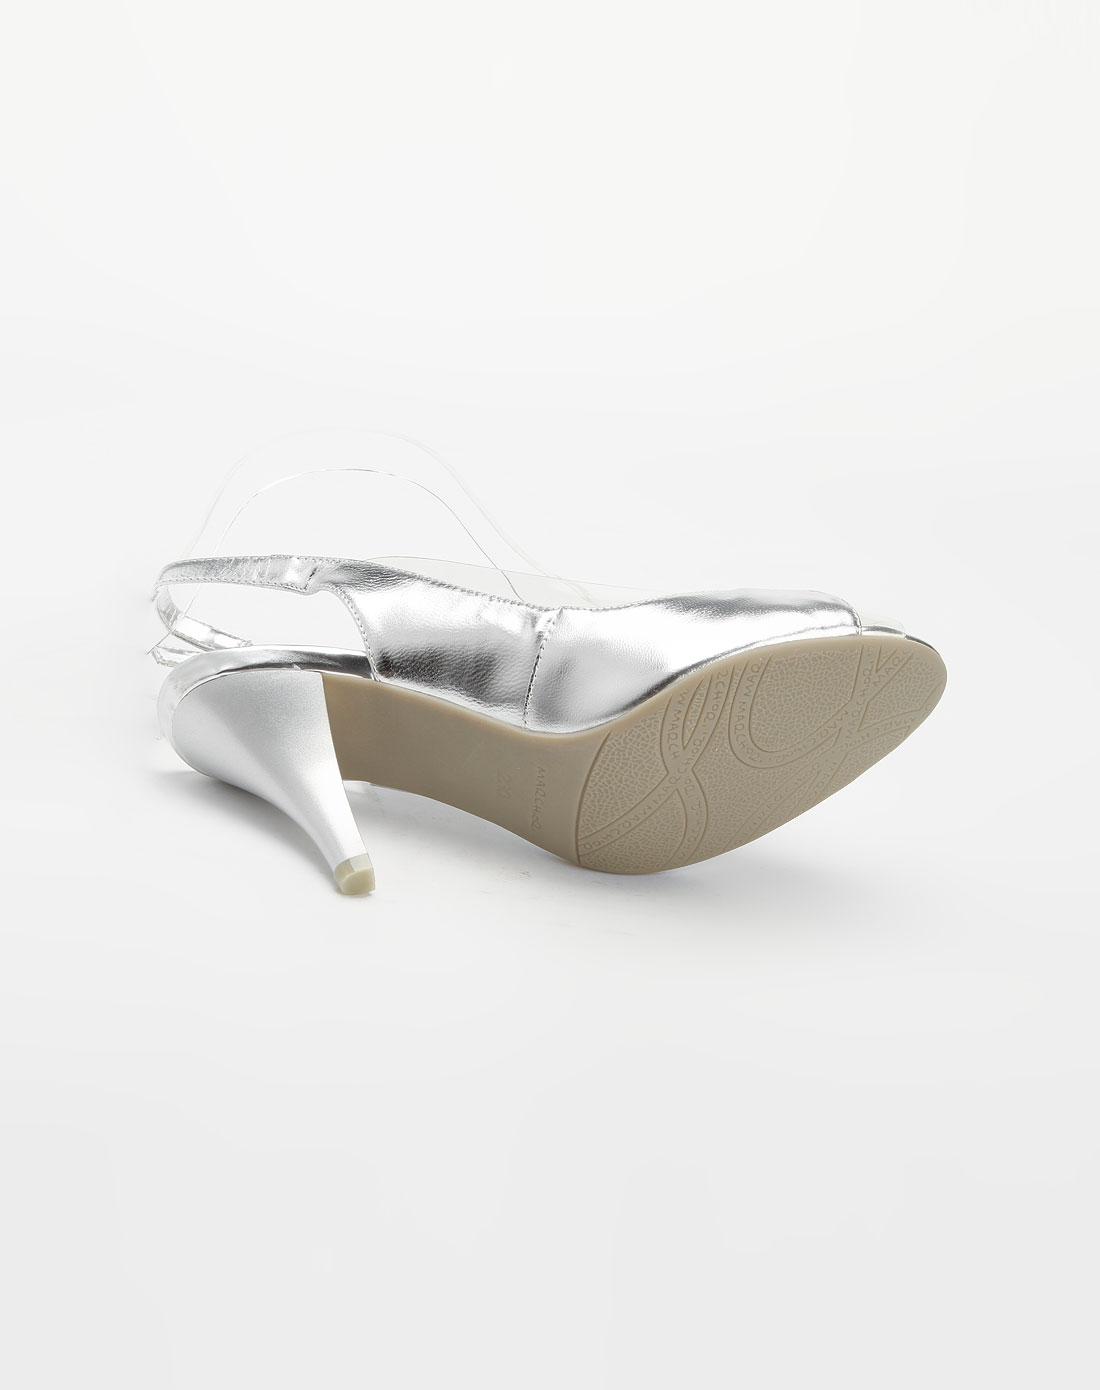 蜜丝罗妮marchiori银色珠片高跟凉鞋27092225-0035